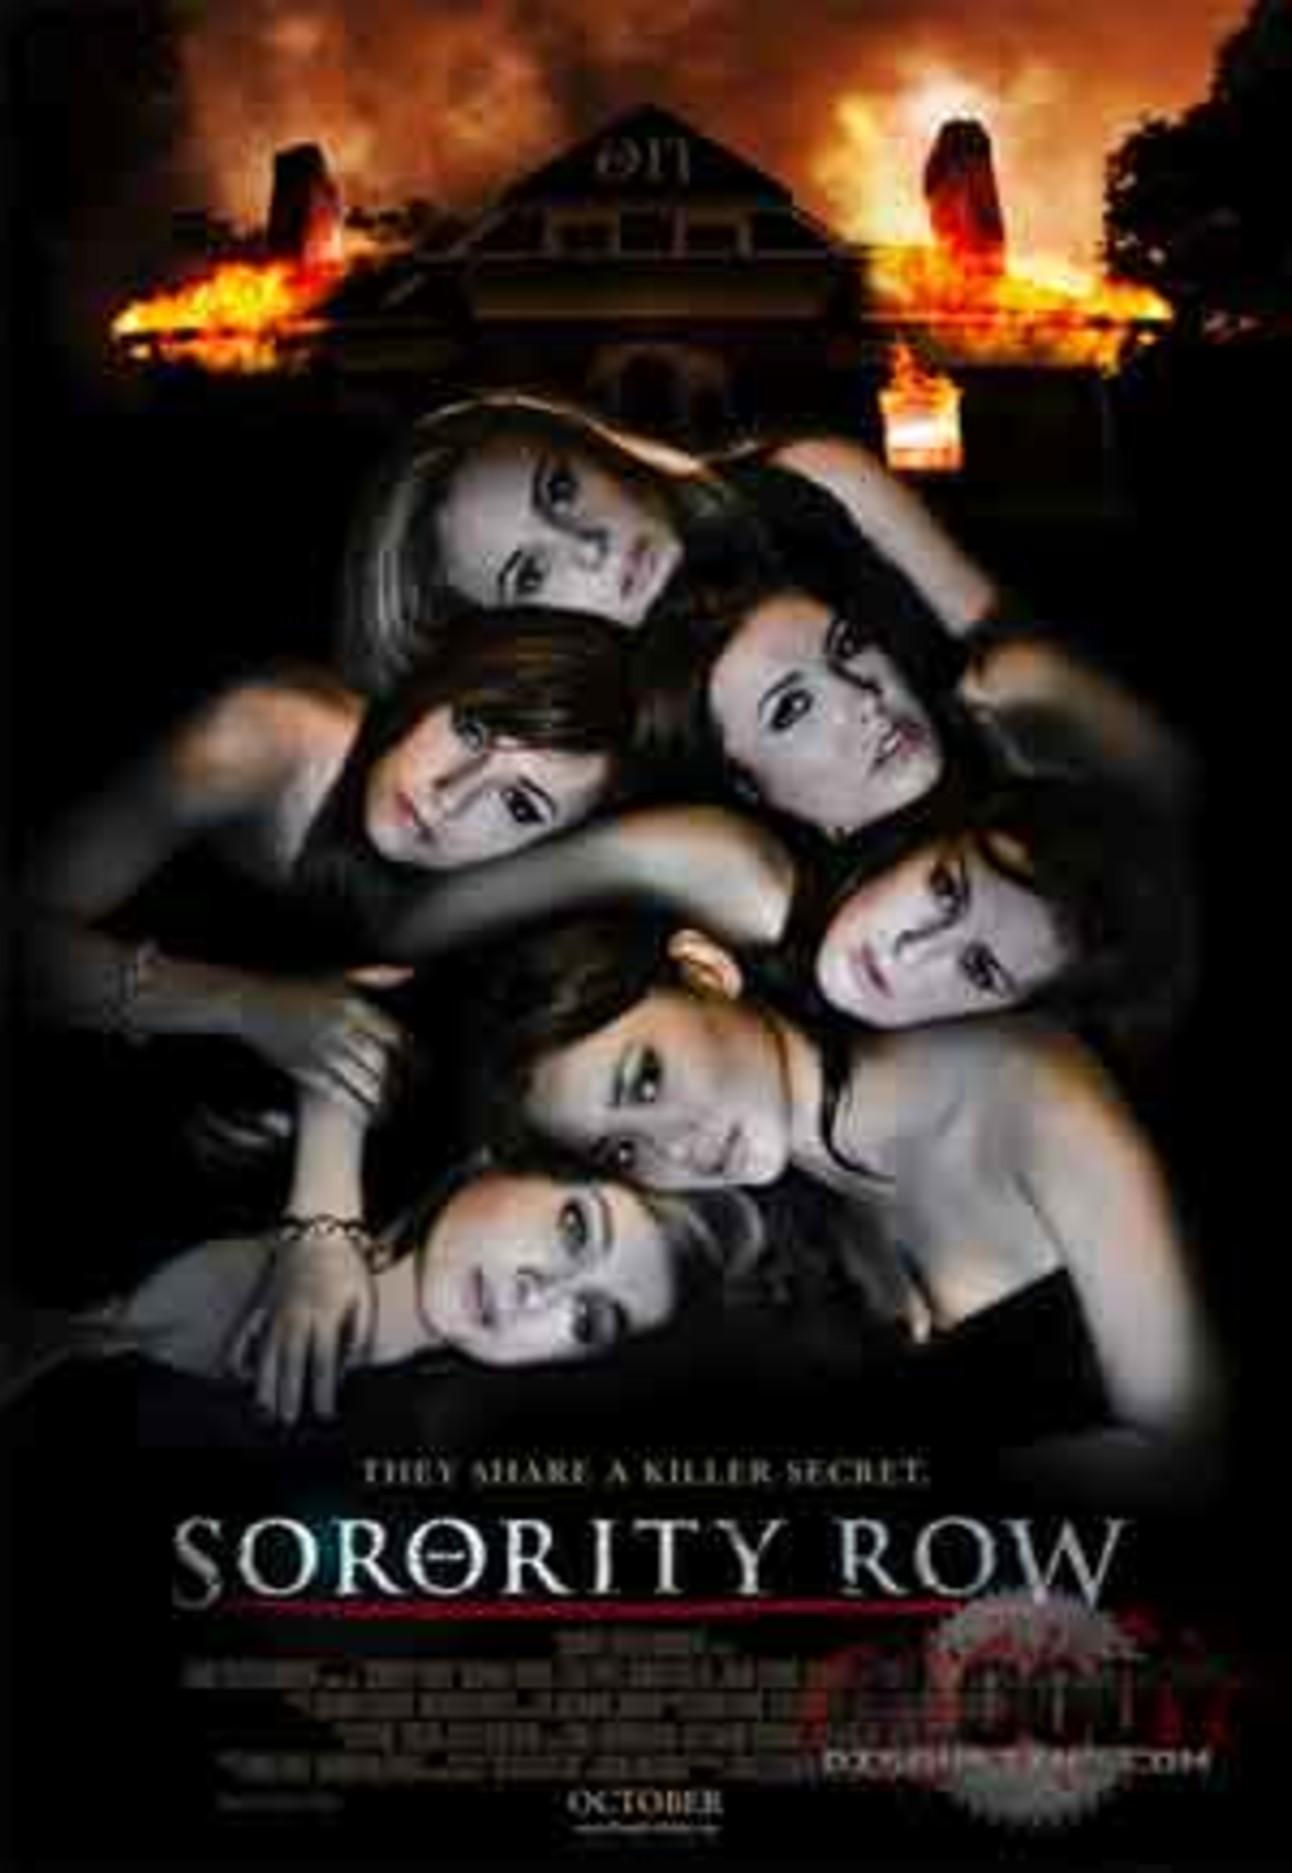 SororityRowReview1.jpg